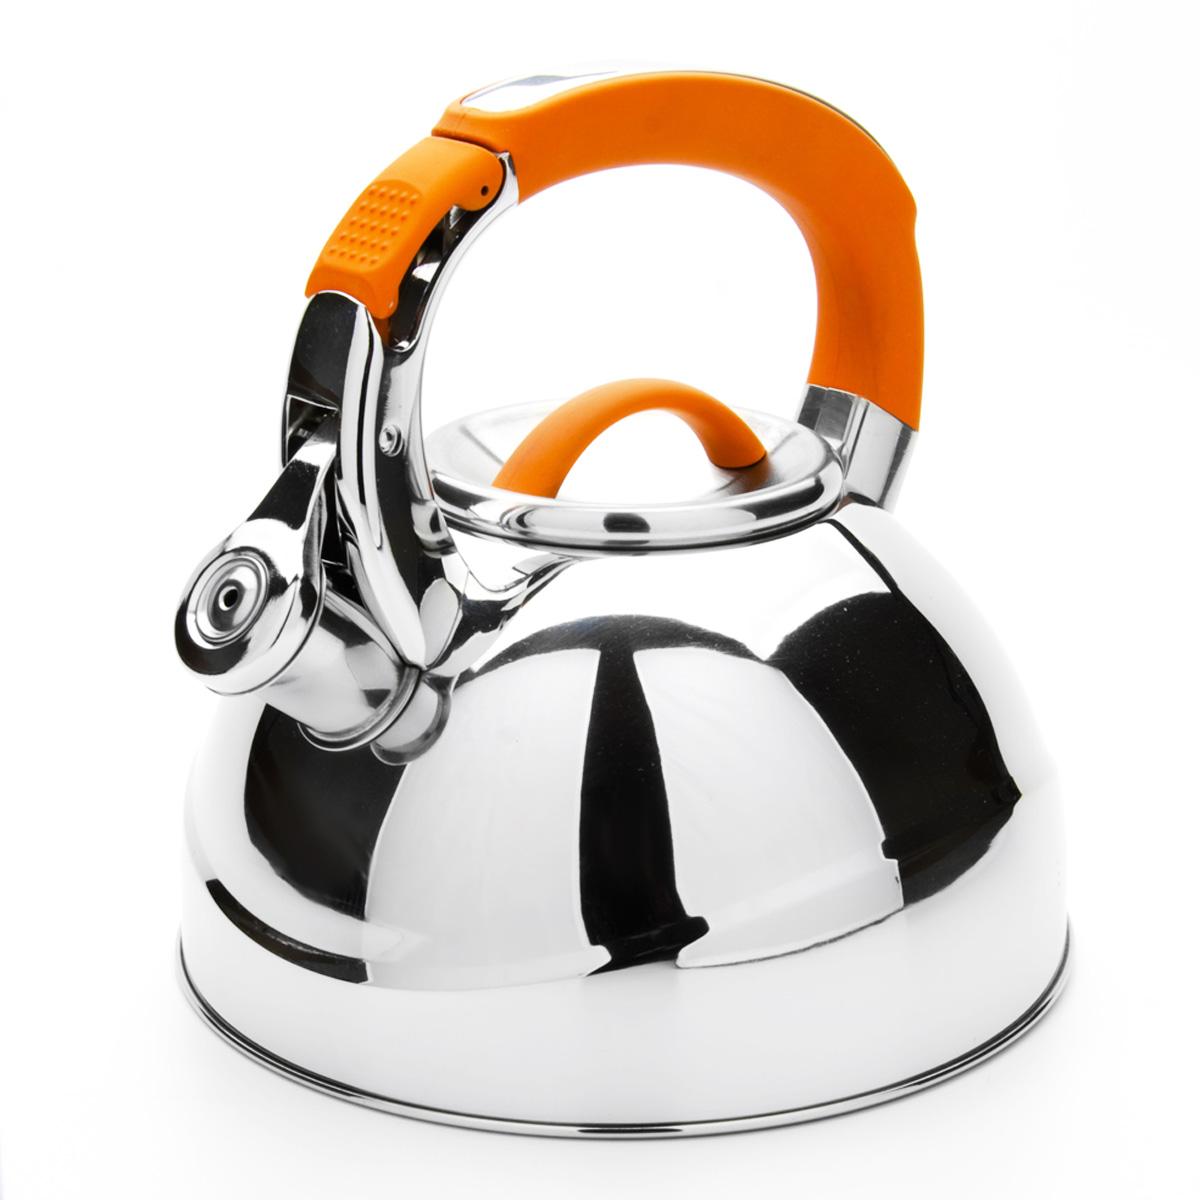 Чайник Mayer & Boch со свистком, цвет: оранжевый, 2,7 л. 2358623586Чайник Mayer & Boch выполнен из высококачественной нержавеющей стали, что обеспечивает долговечность использования. Внешнее зеркальное покрытие придает приятный внешний вид. Фиксированная ручка из нейлона делает использование чайника очень удобным и безопасным. Чайник снабжен свистком и устройством для открывания носика, которое находится на ручке. Можно мыть в посудомоечной машине. Пригоден для всех видов плит, включая индукционные.